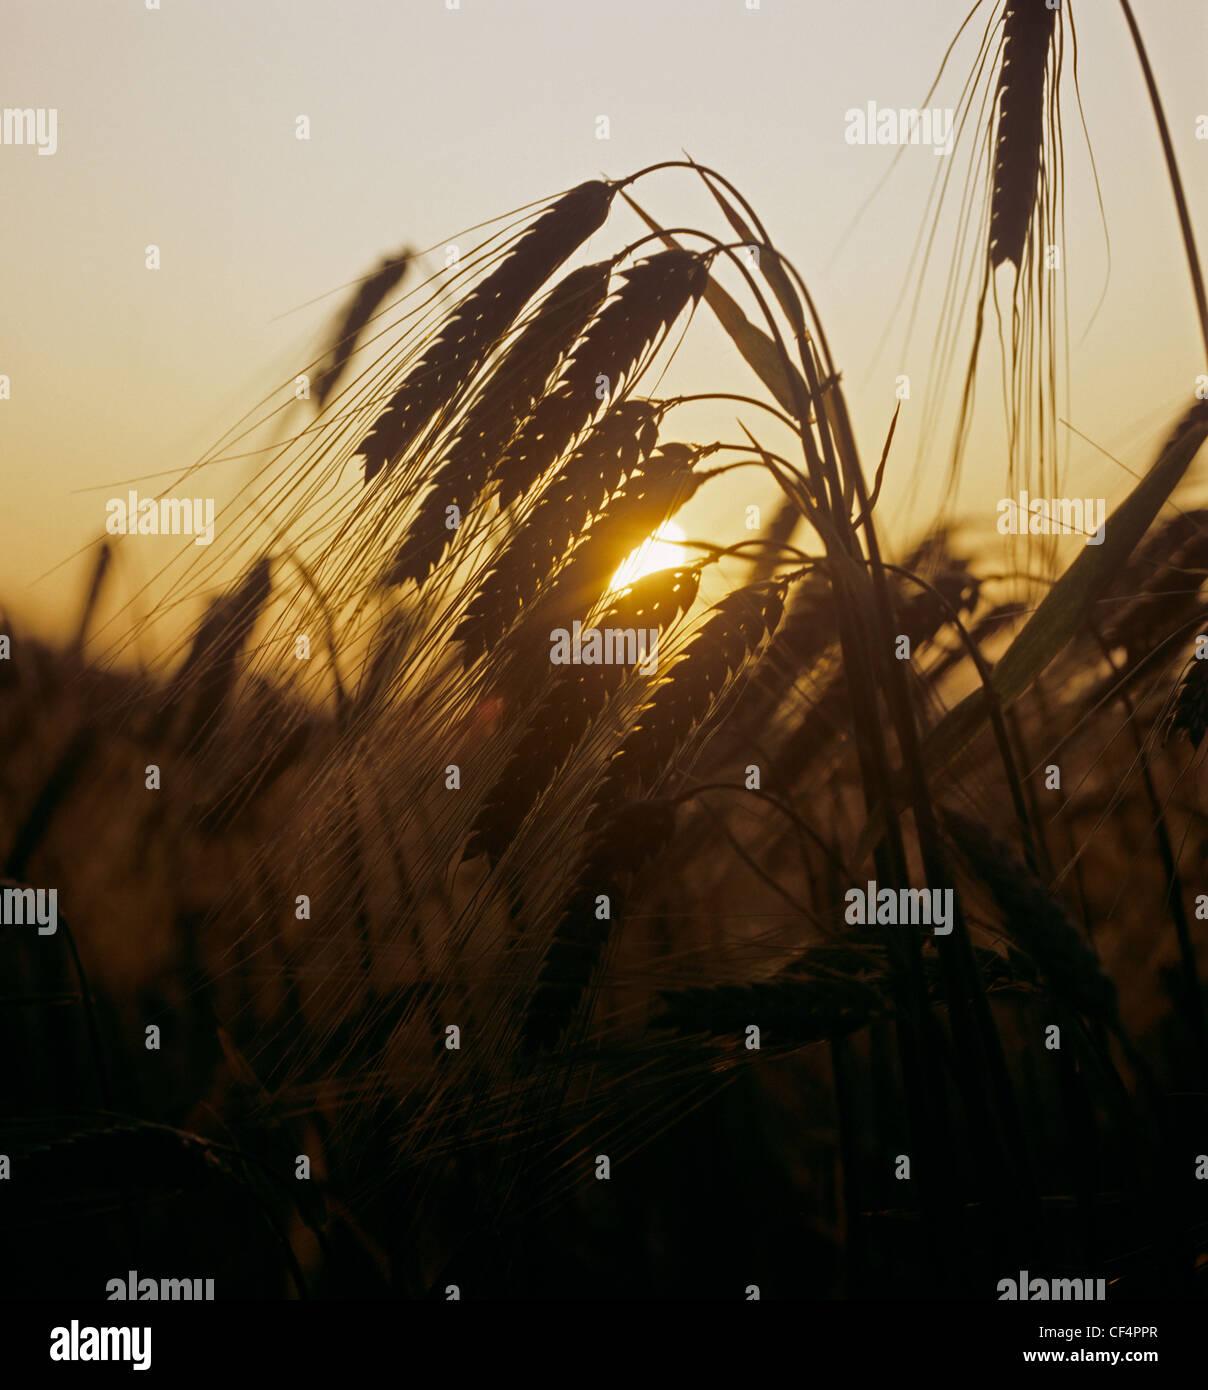 Cebada orejas contra un entorno cálido sol de verano Imagen De Stock